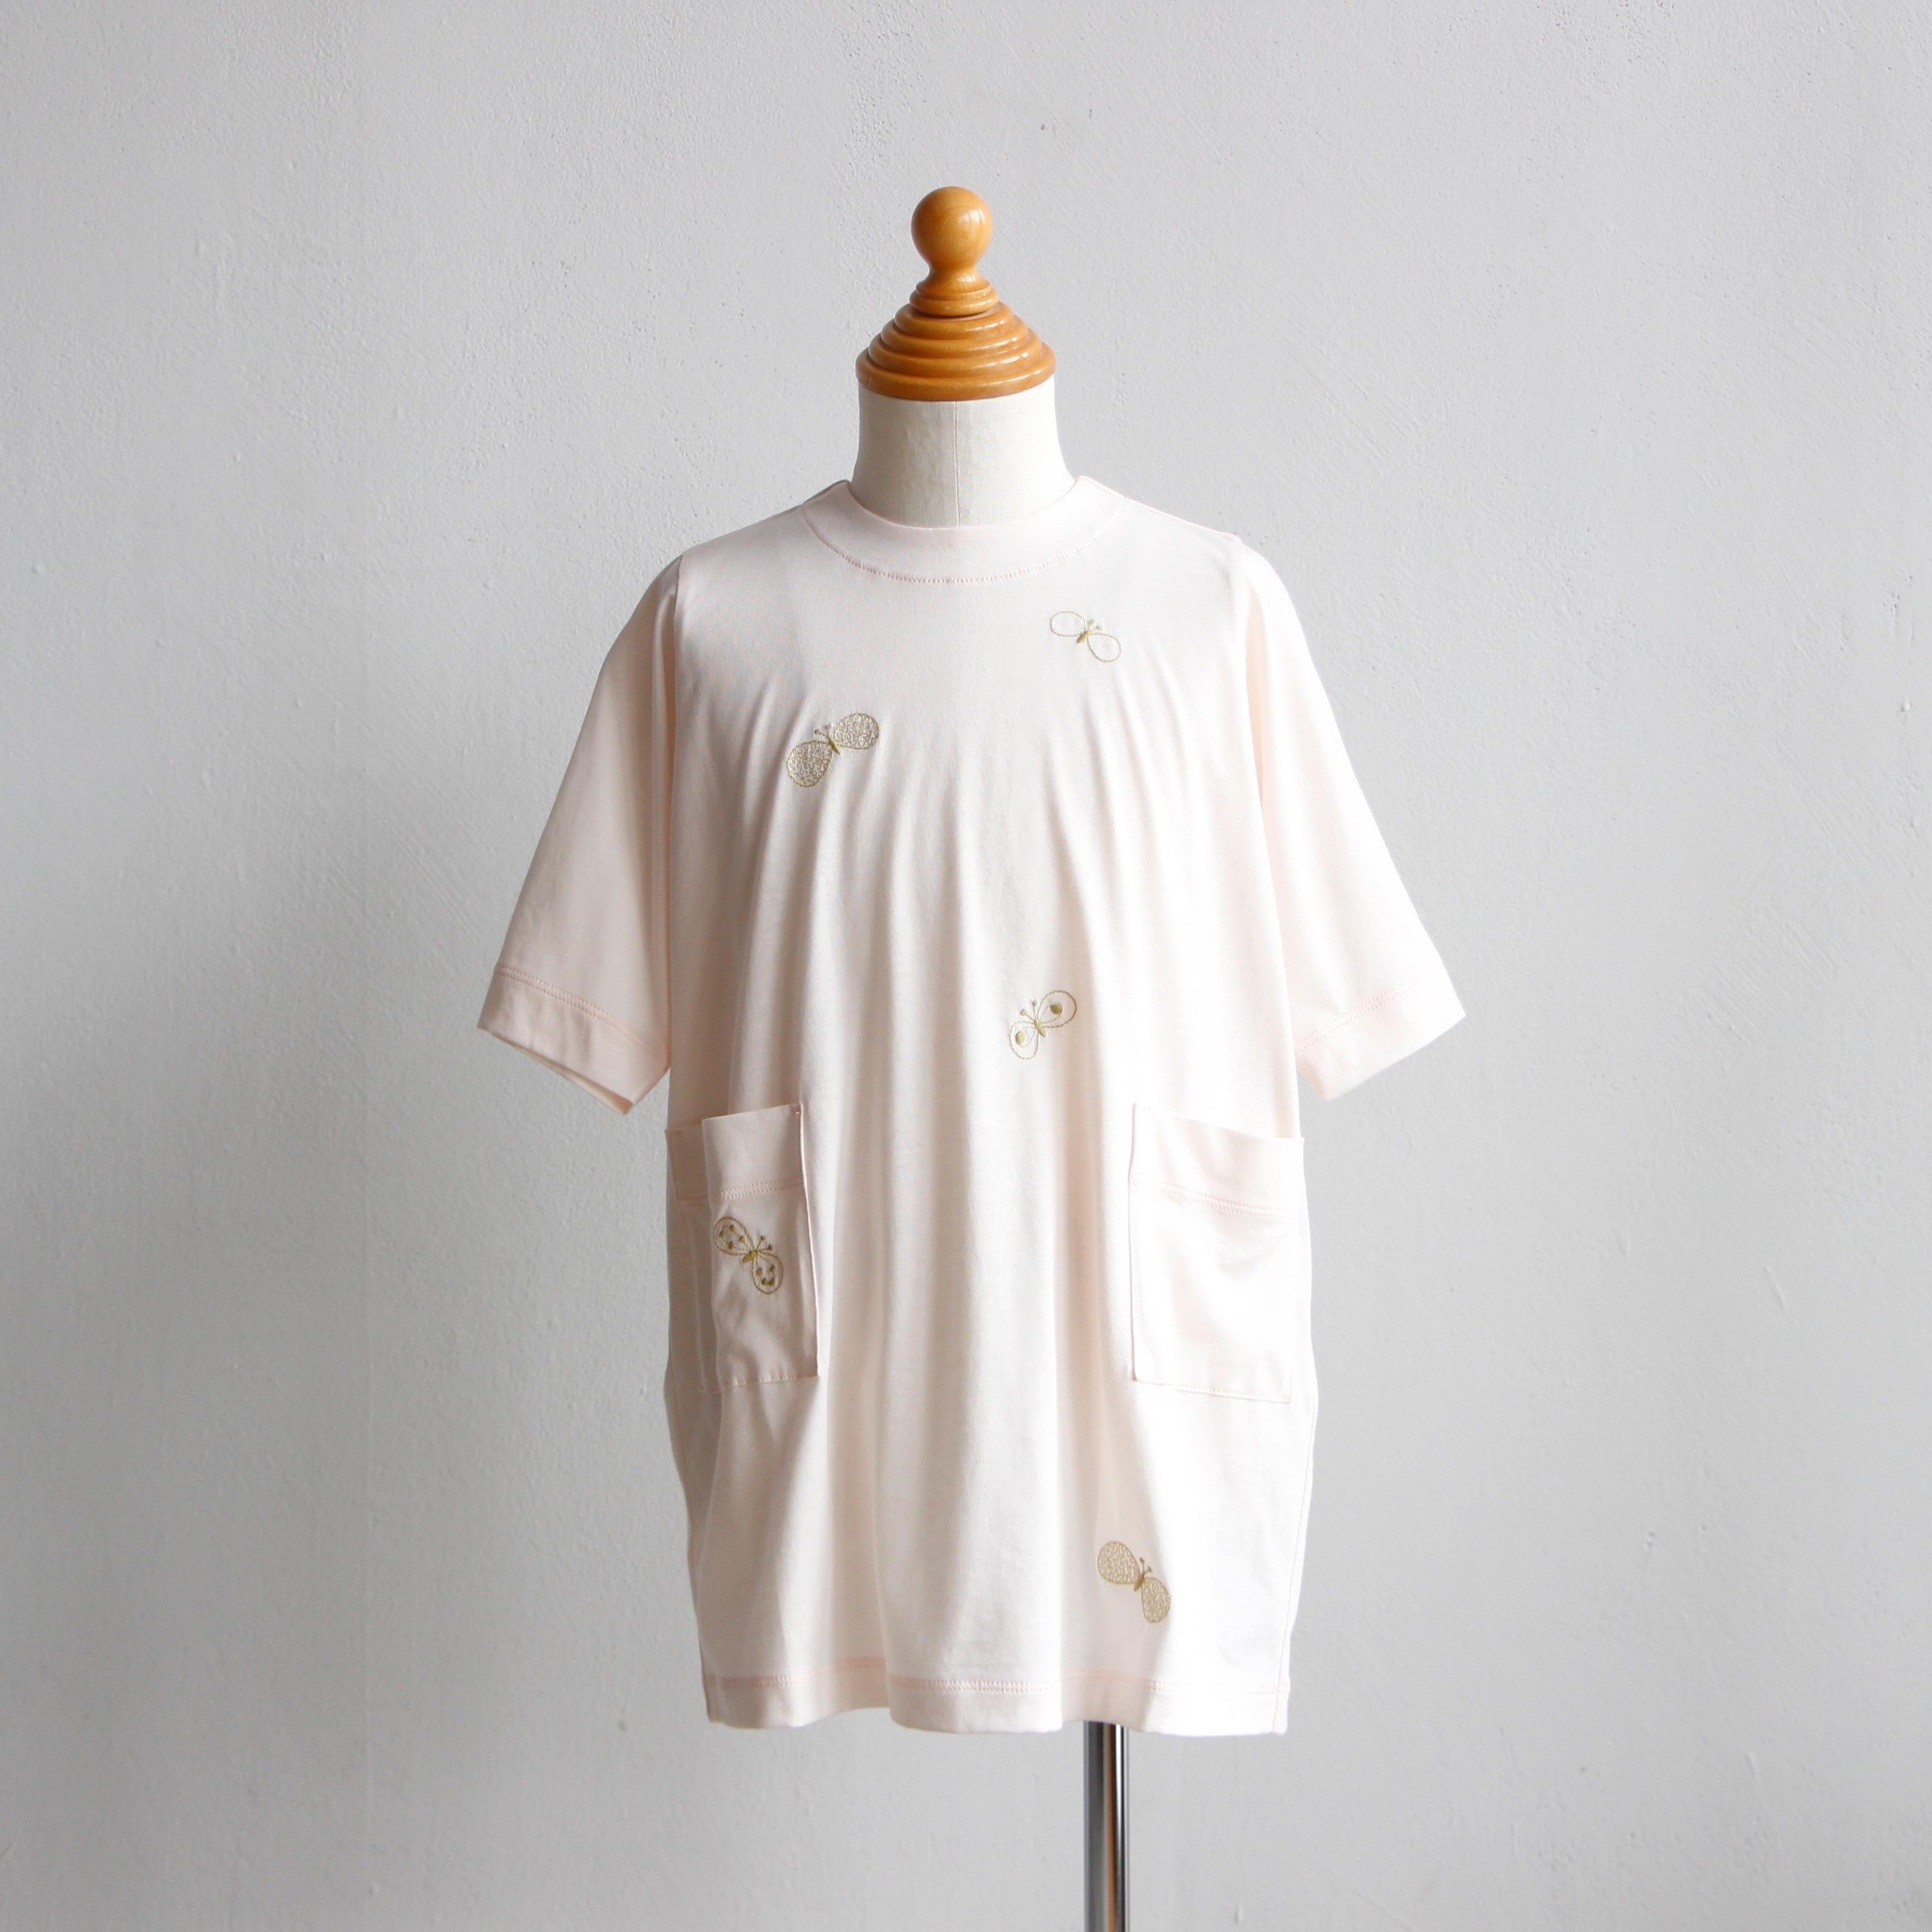 《mina perhonen 2019SS》choucho ワンピース / light pink / 110-130cm